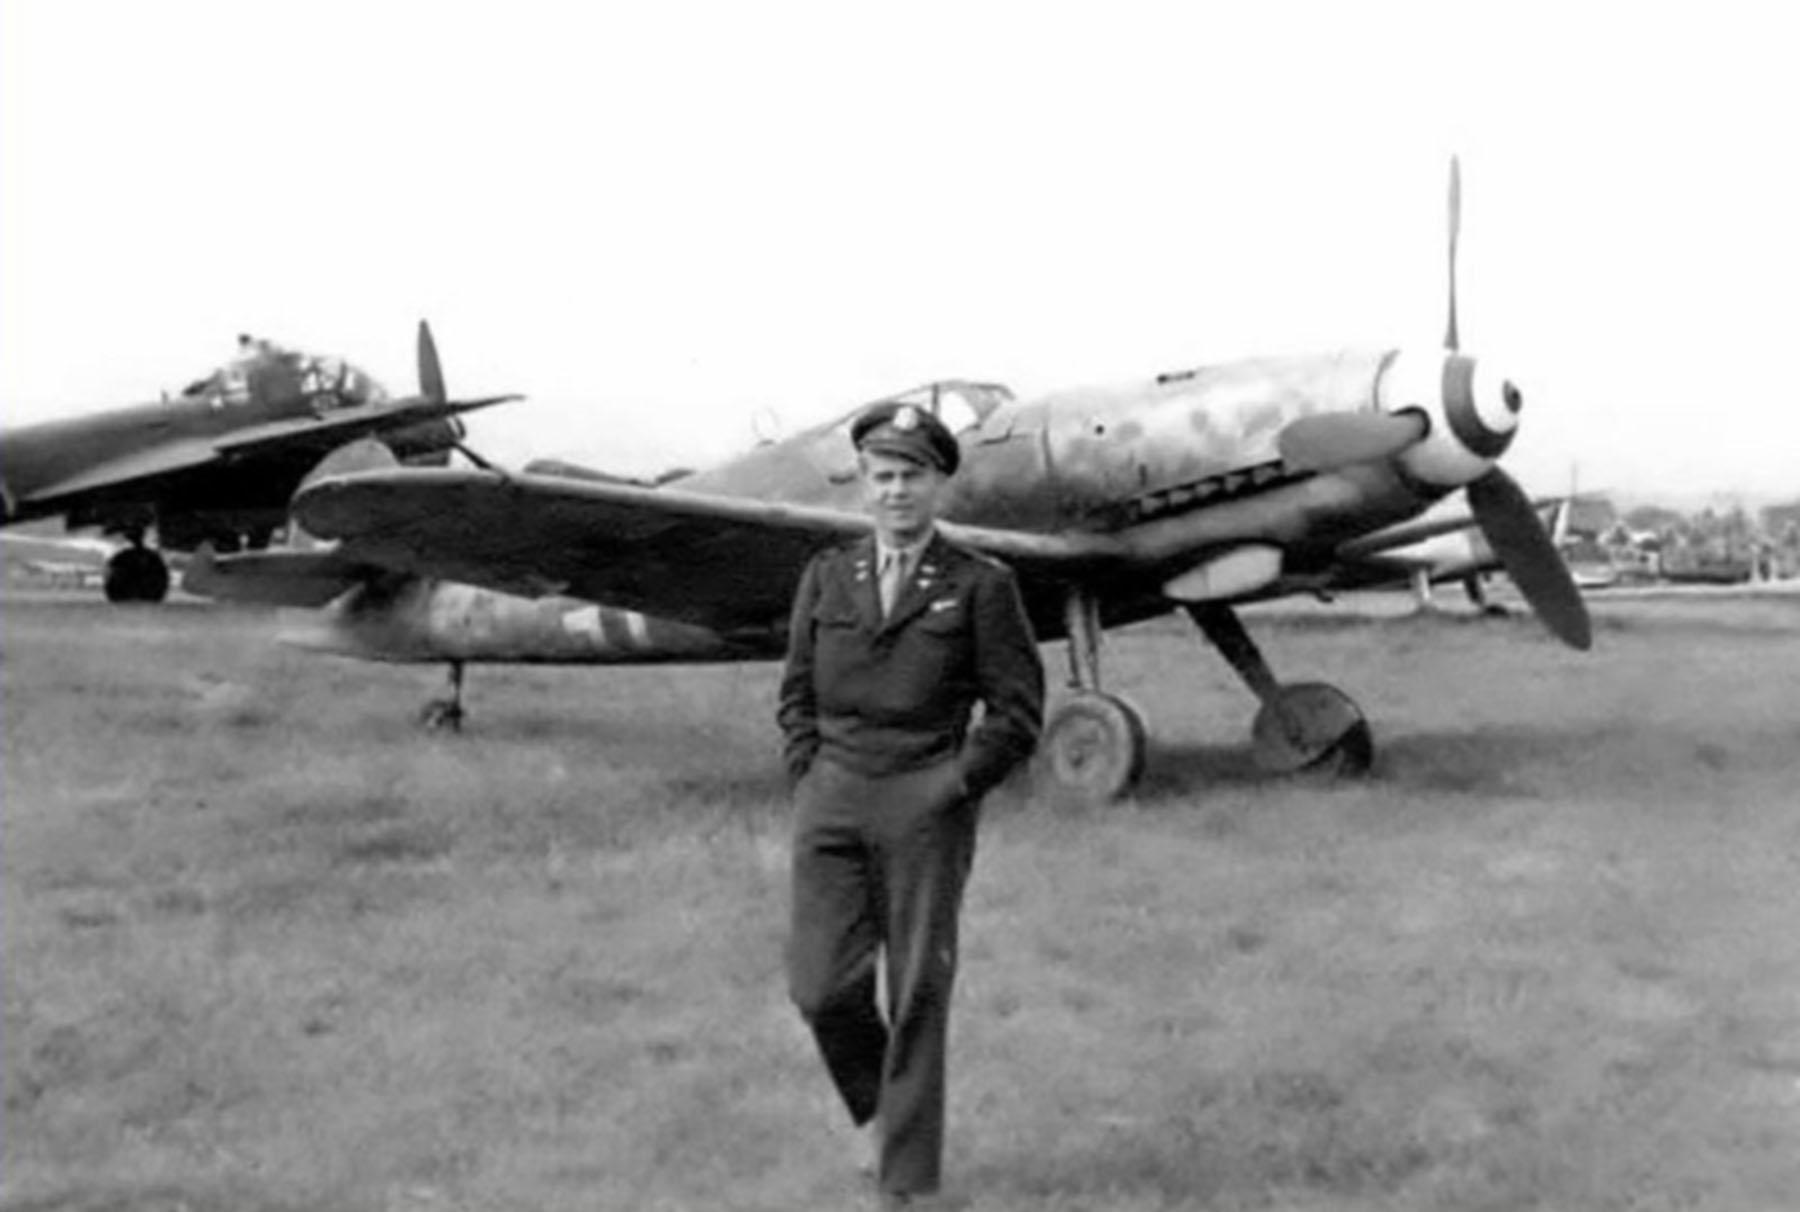 Messerschmitt Bf 109G14AS Erla Reichsverteidigung White 4 WNr 786316 unknown unit and pilot Feb 1945 04